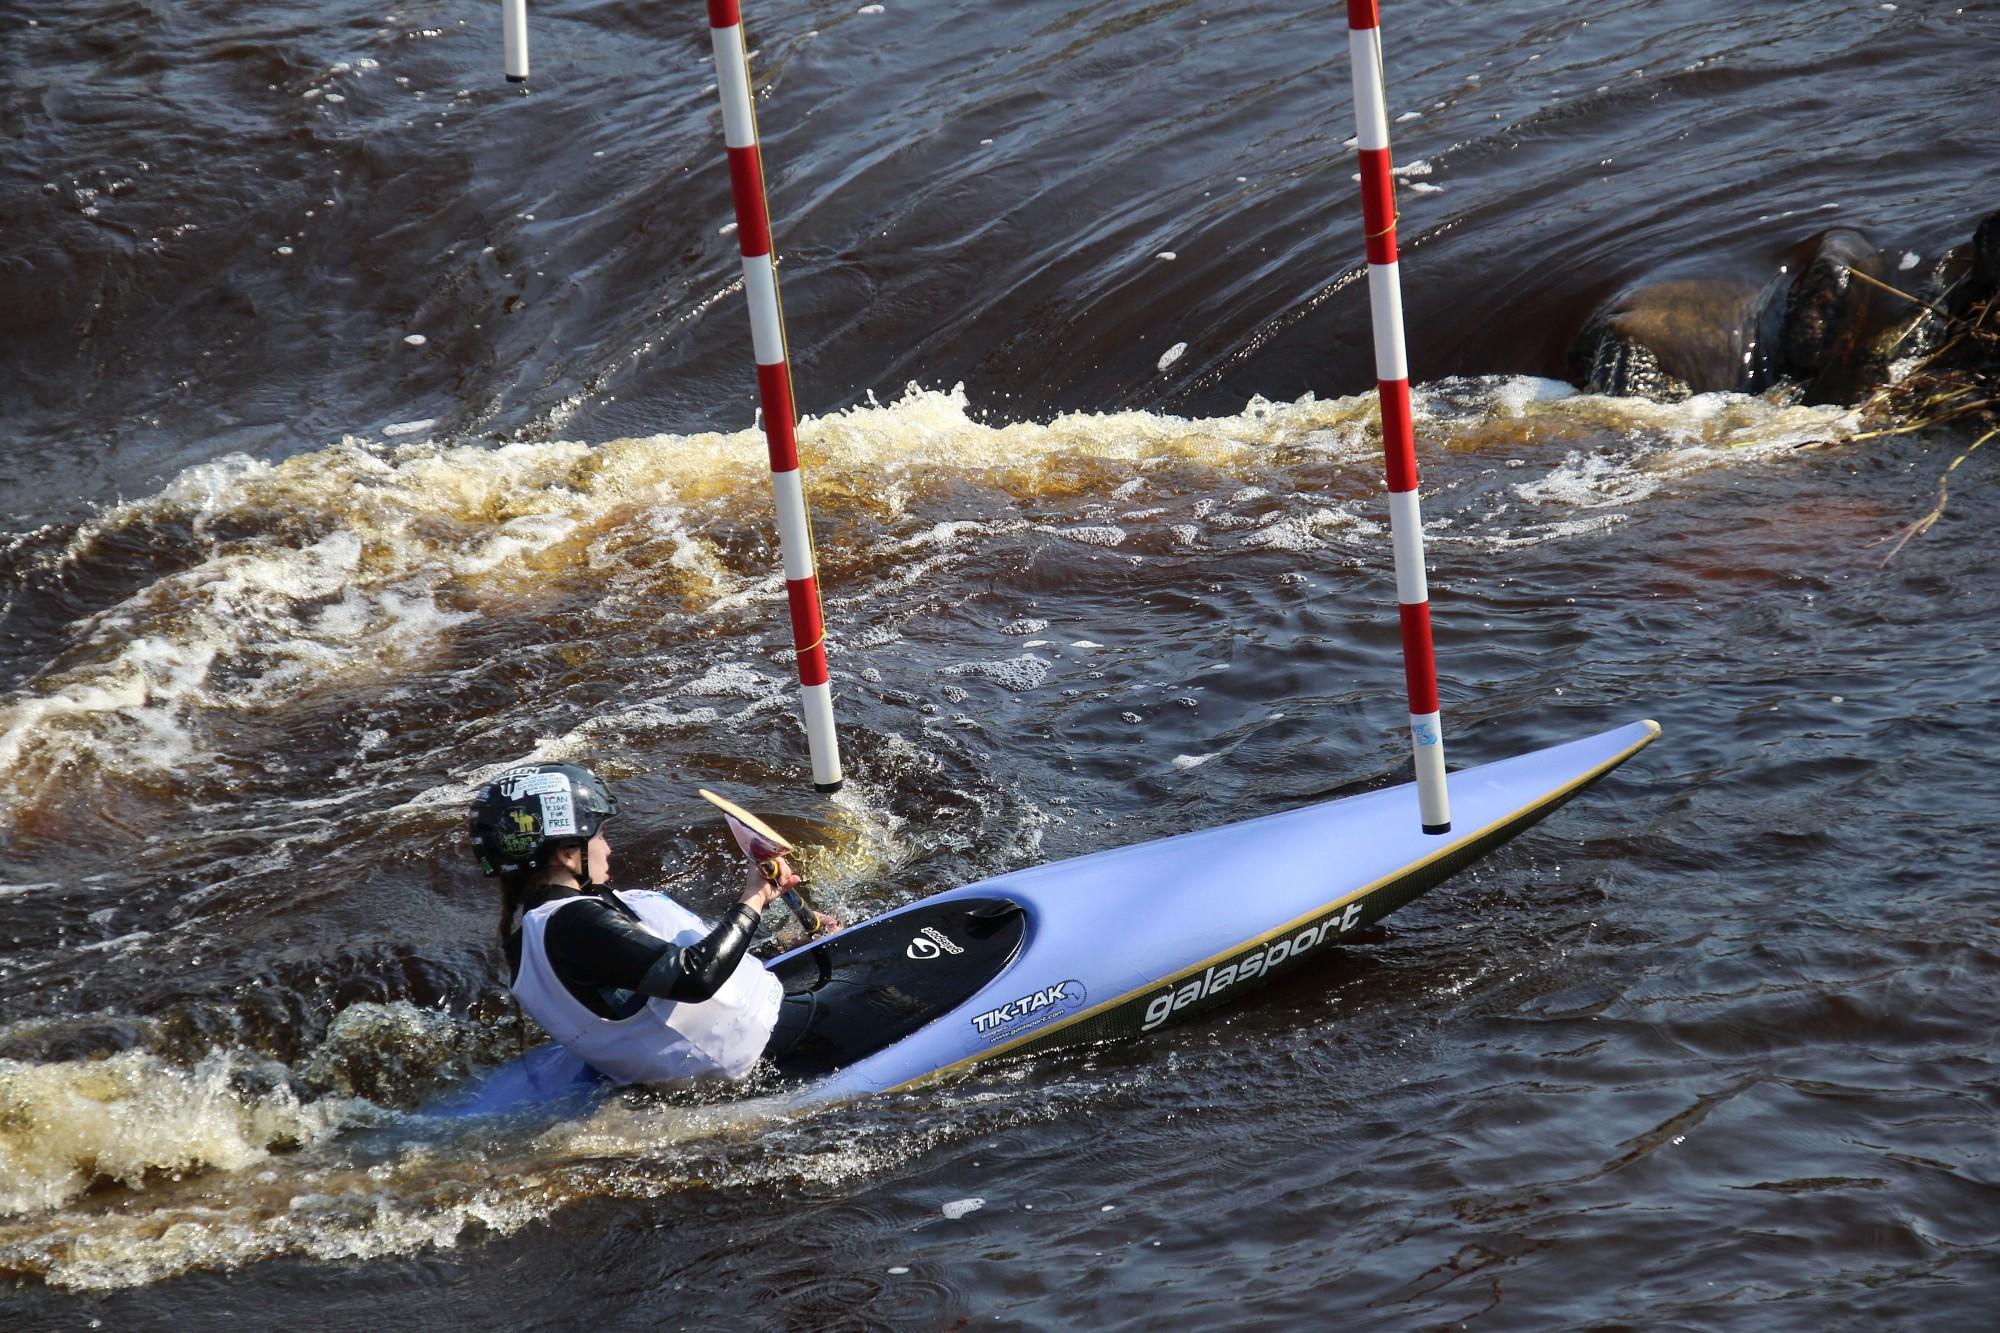 Liepājniecei Latvijas augstākais tituls